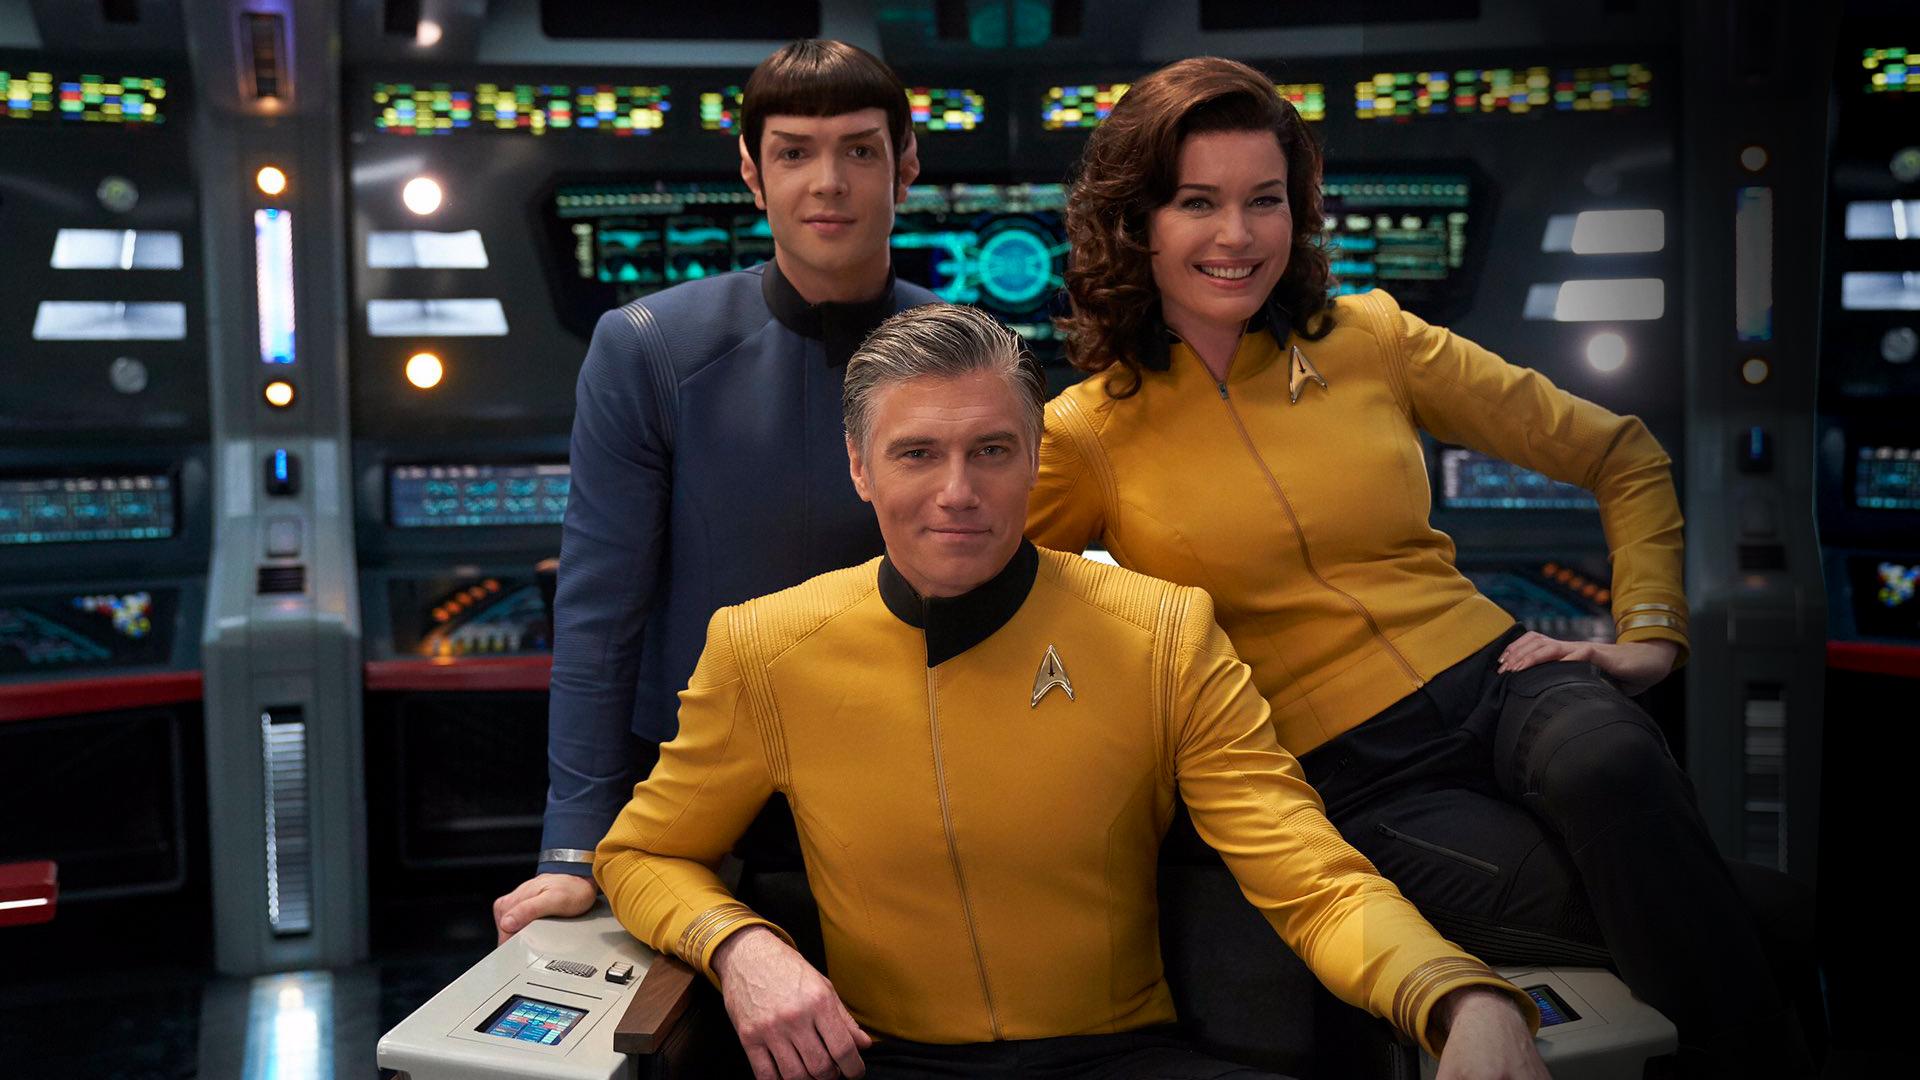 Star Trek : Strange New Worlds